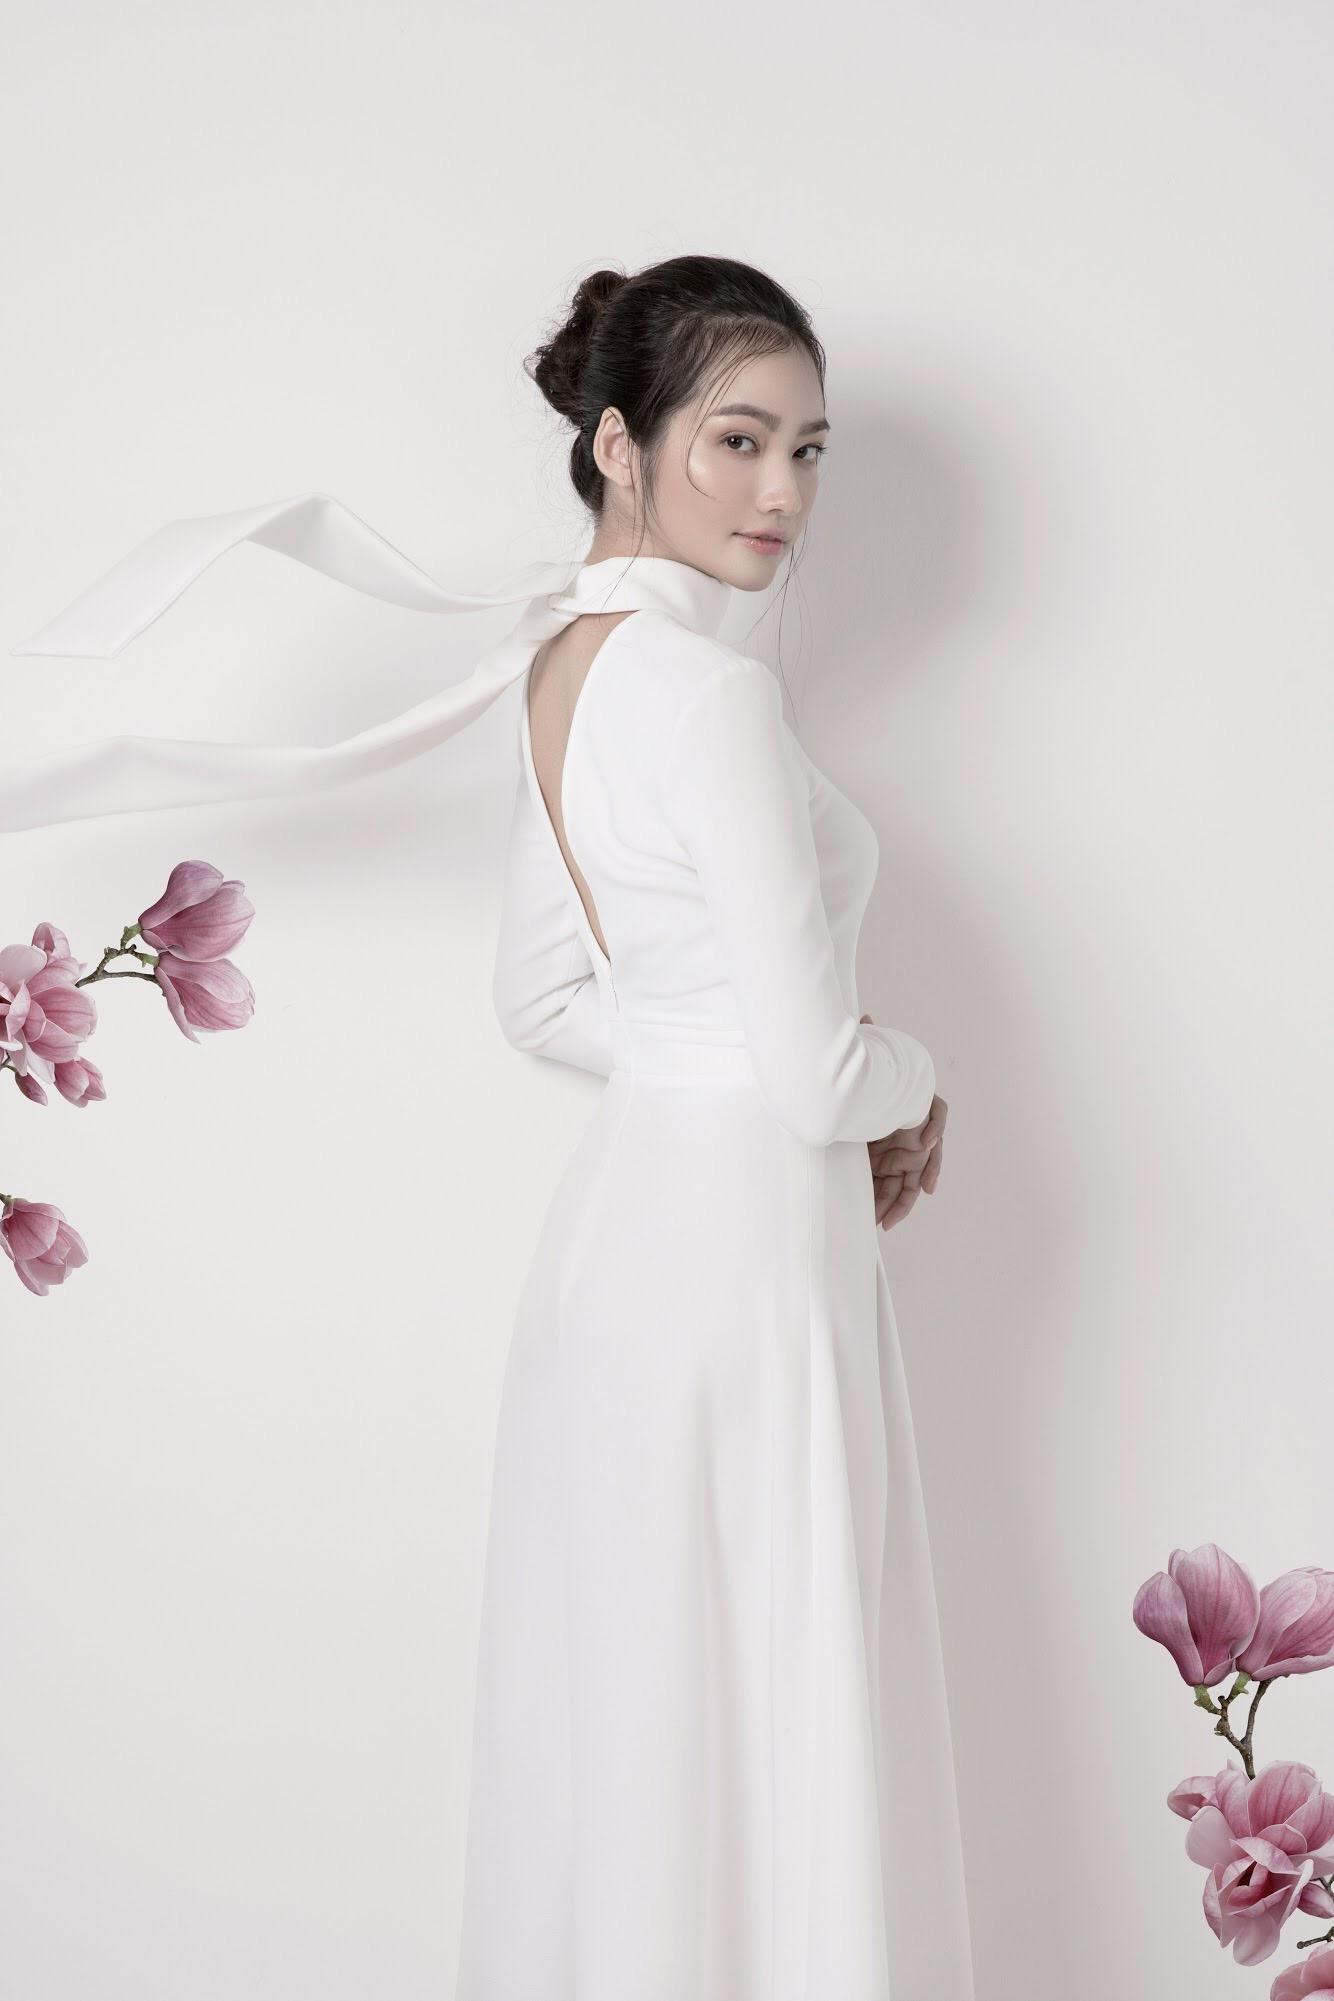 Hoa hậu Trúc Diễm tin kinh doanh online là xu thế thời đại mới - Ảnh 1.